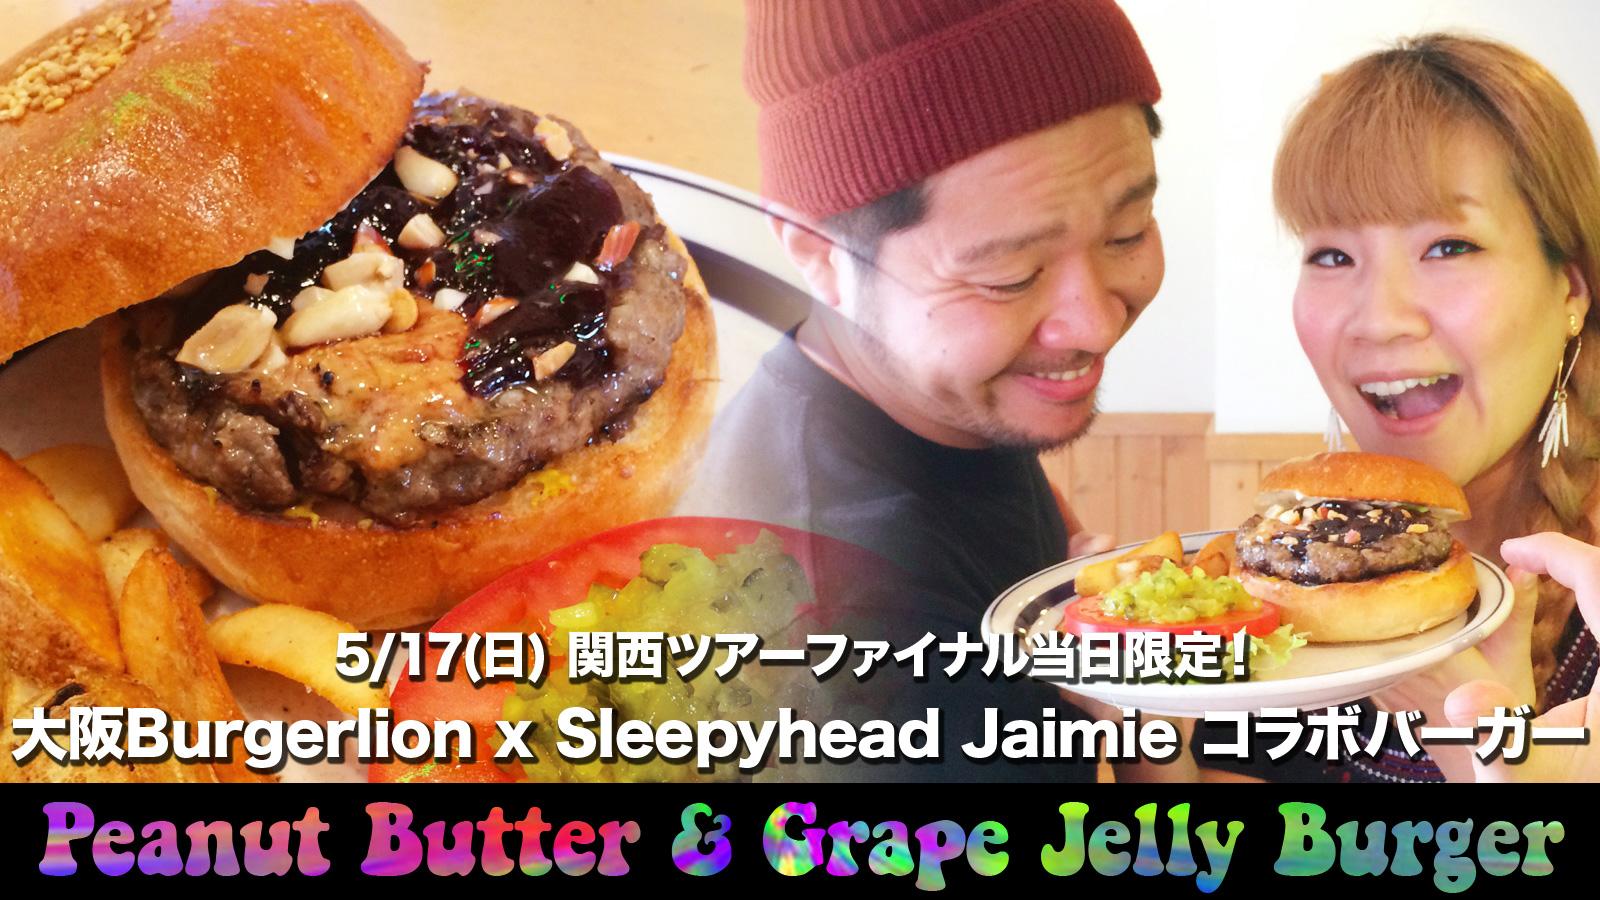 5/17(日) 関西ツアーファイナル当日限定バーガー発表!